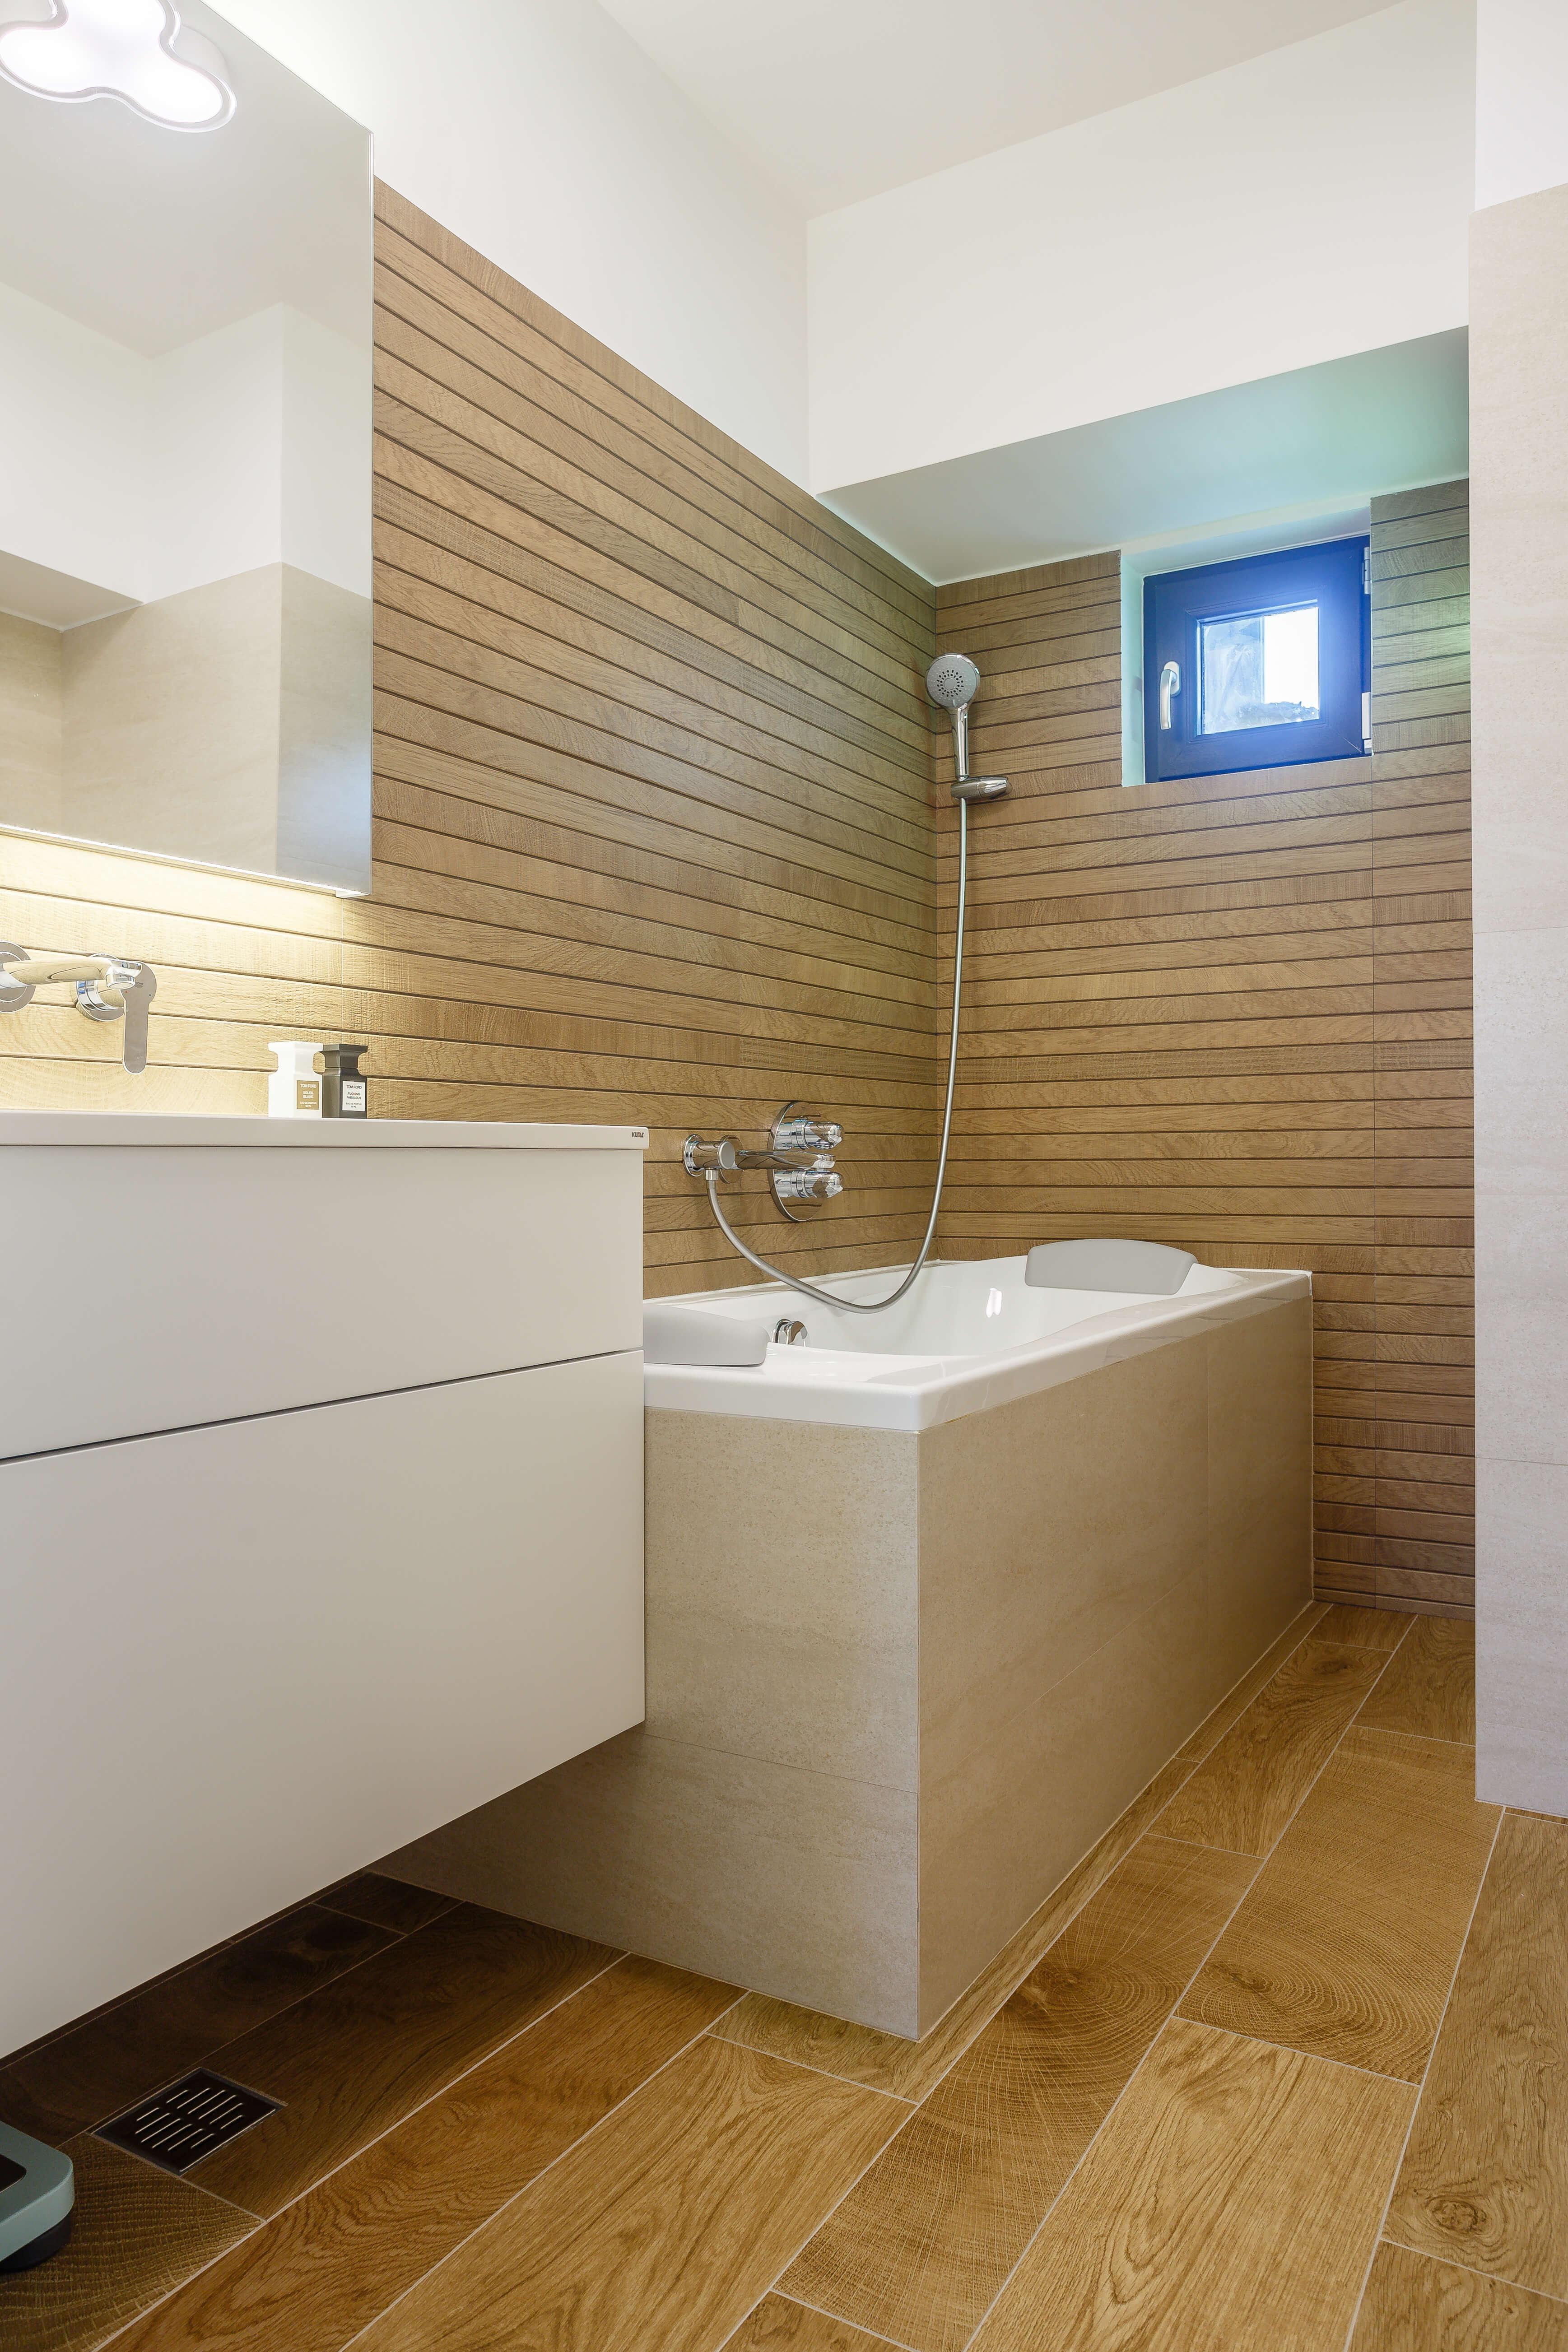 Home spa: transformă-ți baia într-o oază de relaxare